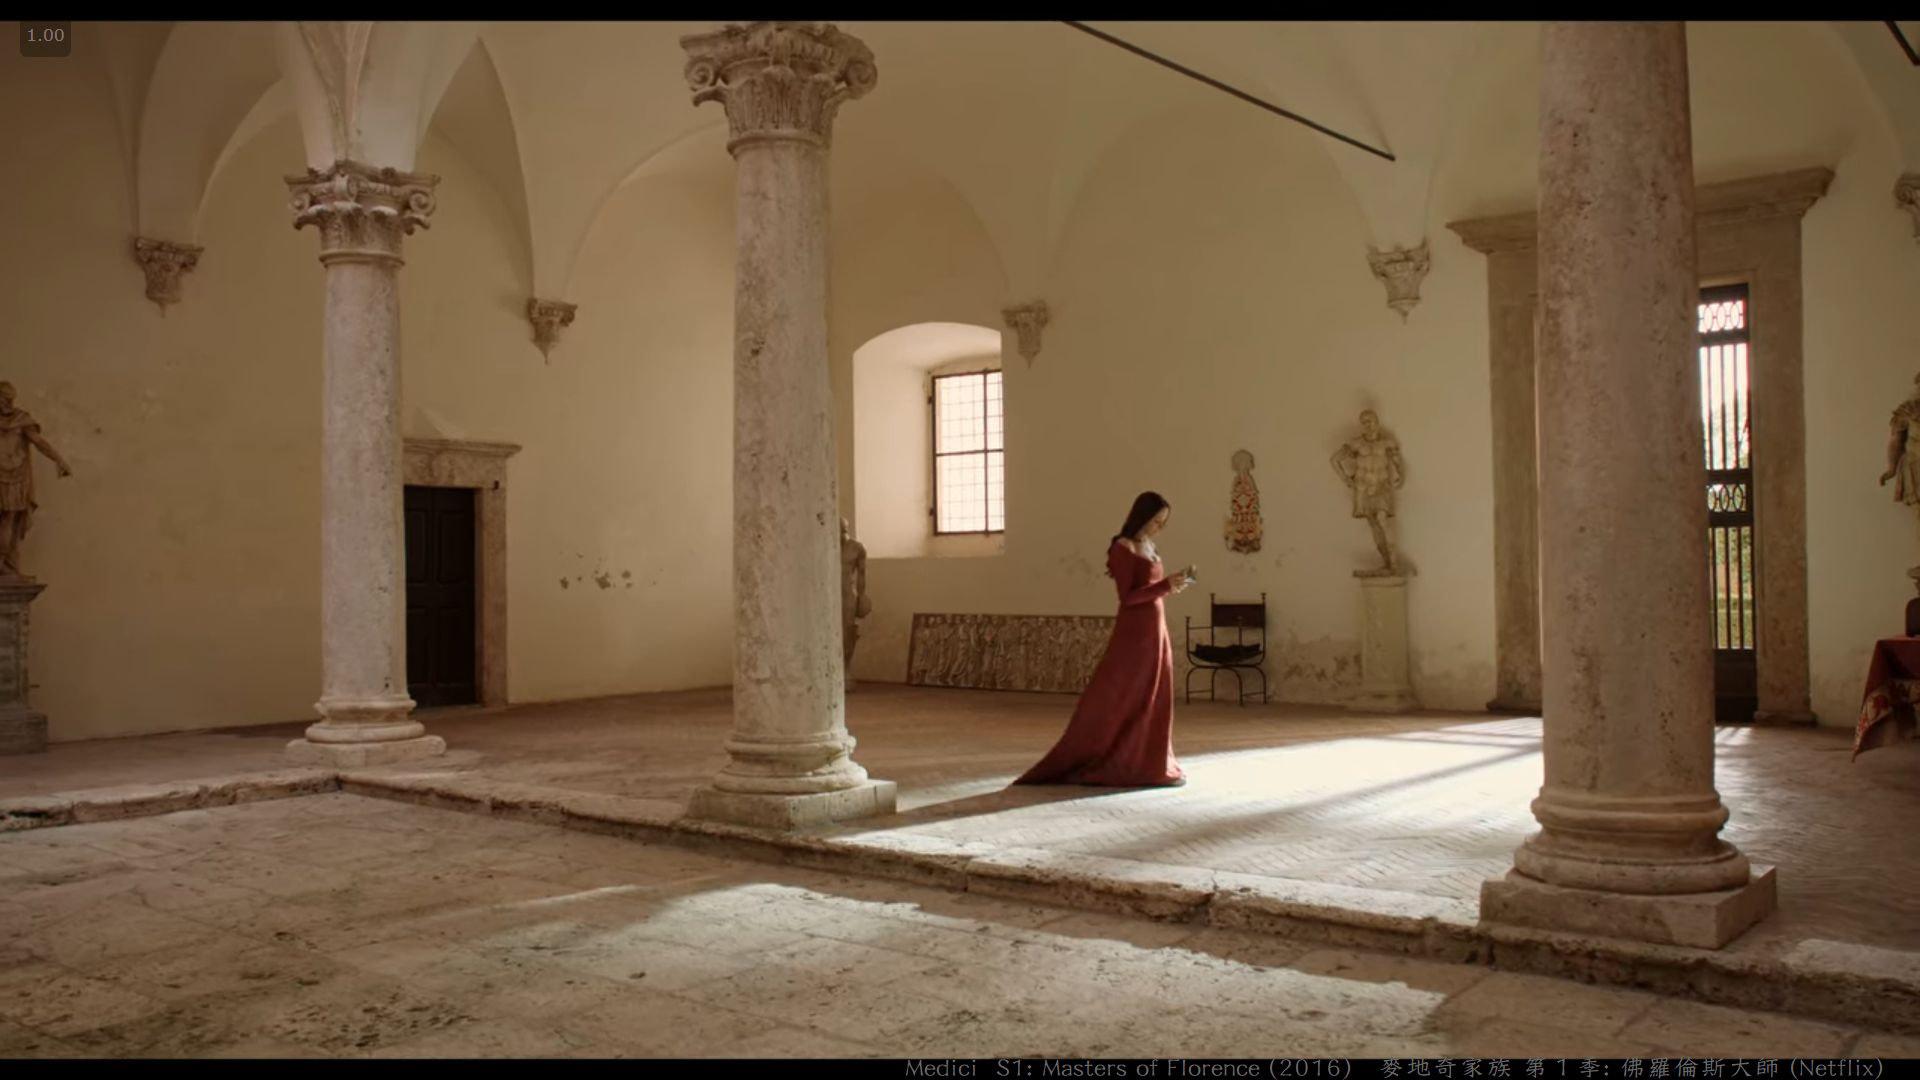 麥地奇家族 第1季 佛羅倫斯大師 (Medici S1) -065---.jpg